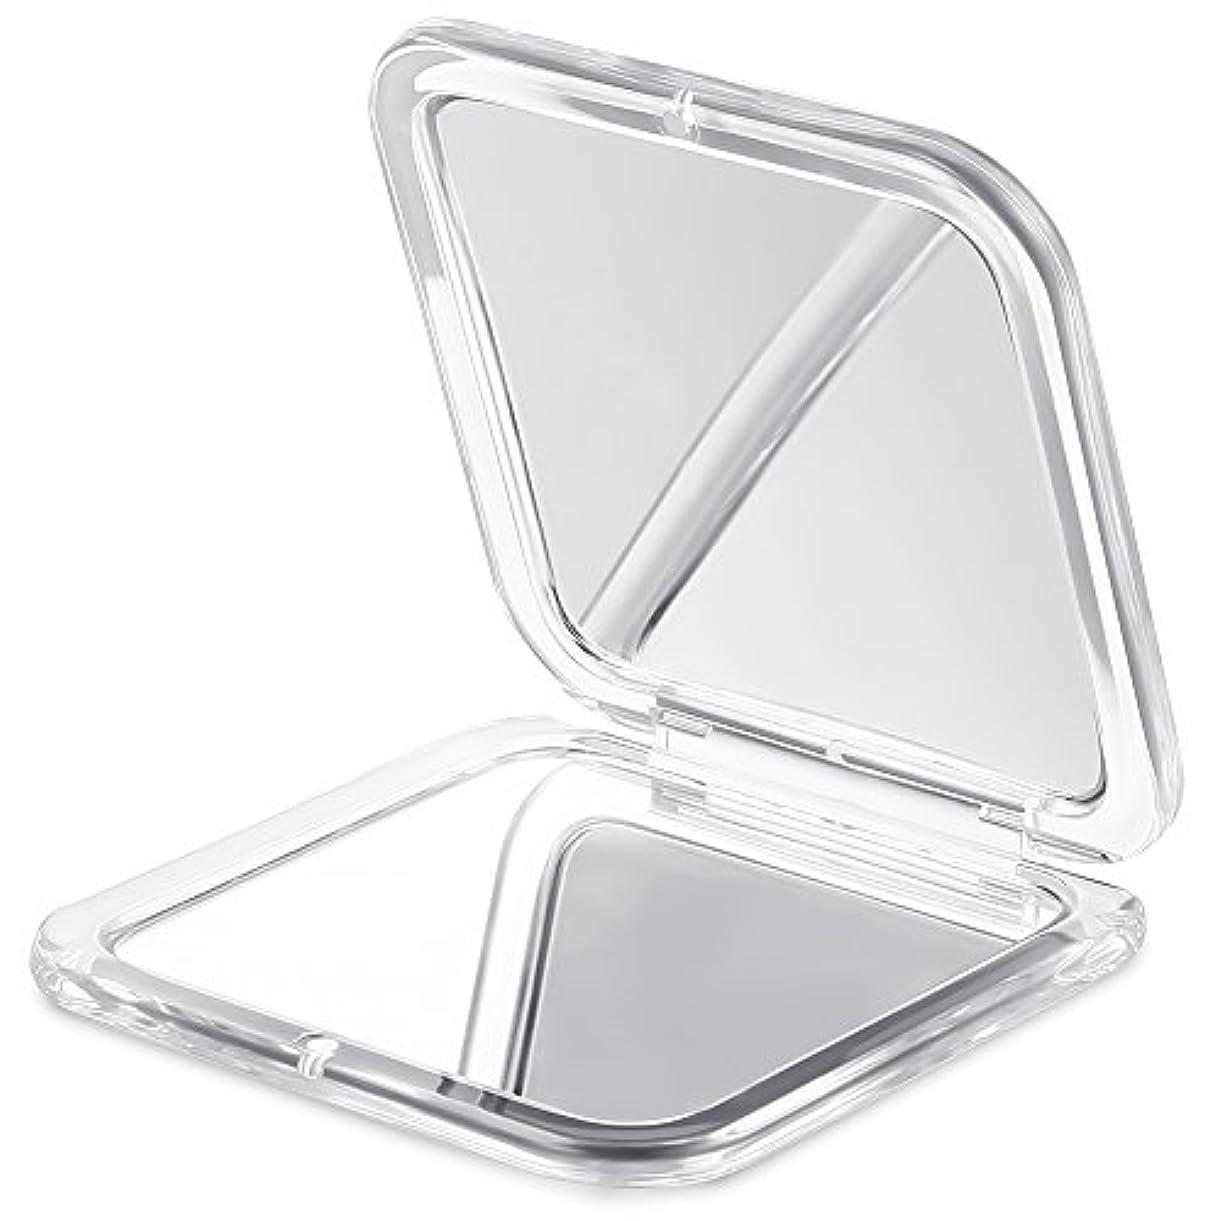 参加するトピックおとこJerrybox 両面コンパクトミラー 化粧鏡 拡大鏡 5倍拡大+等倍鏡 折りたたみ式 コンパクト鏡 携帯ミラー 外出に